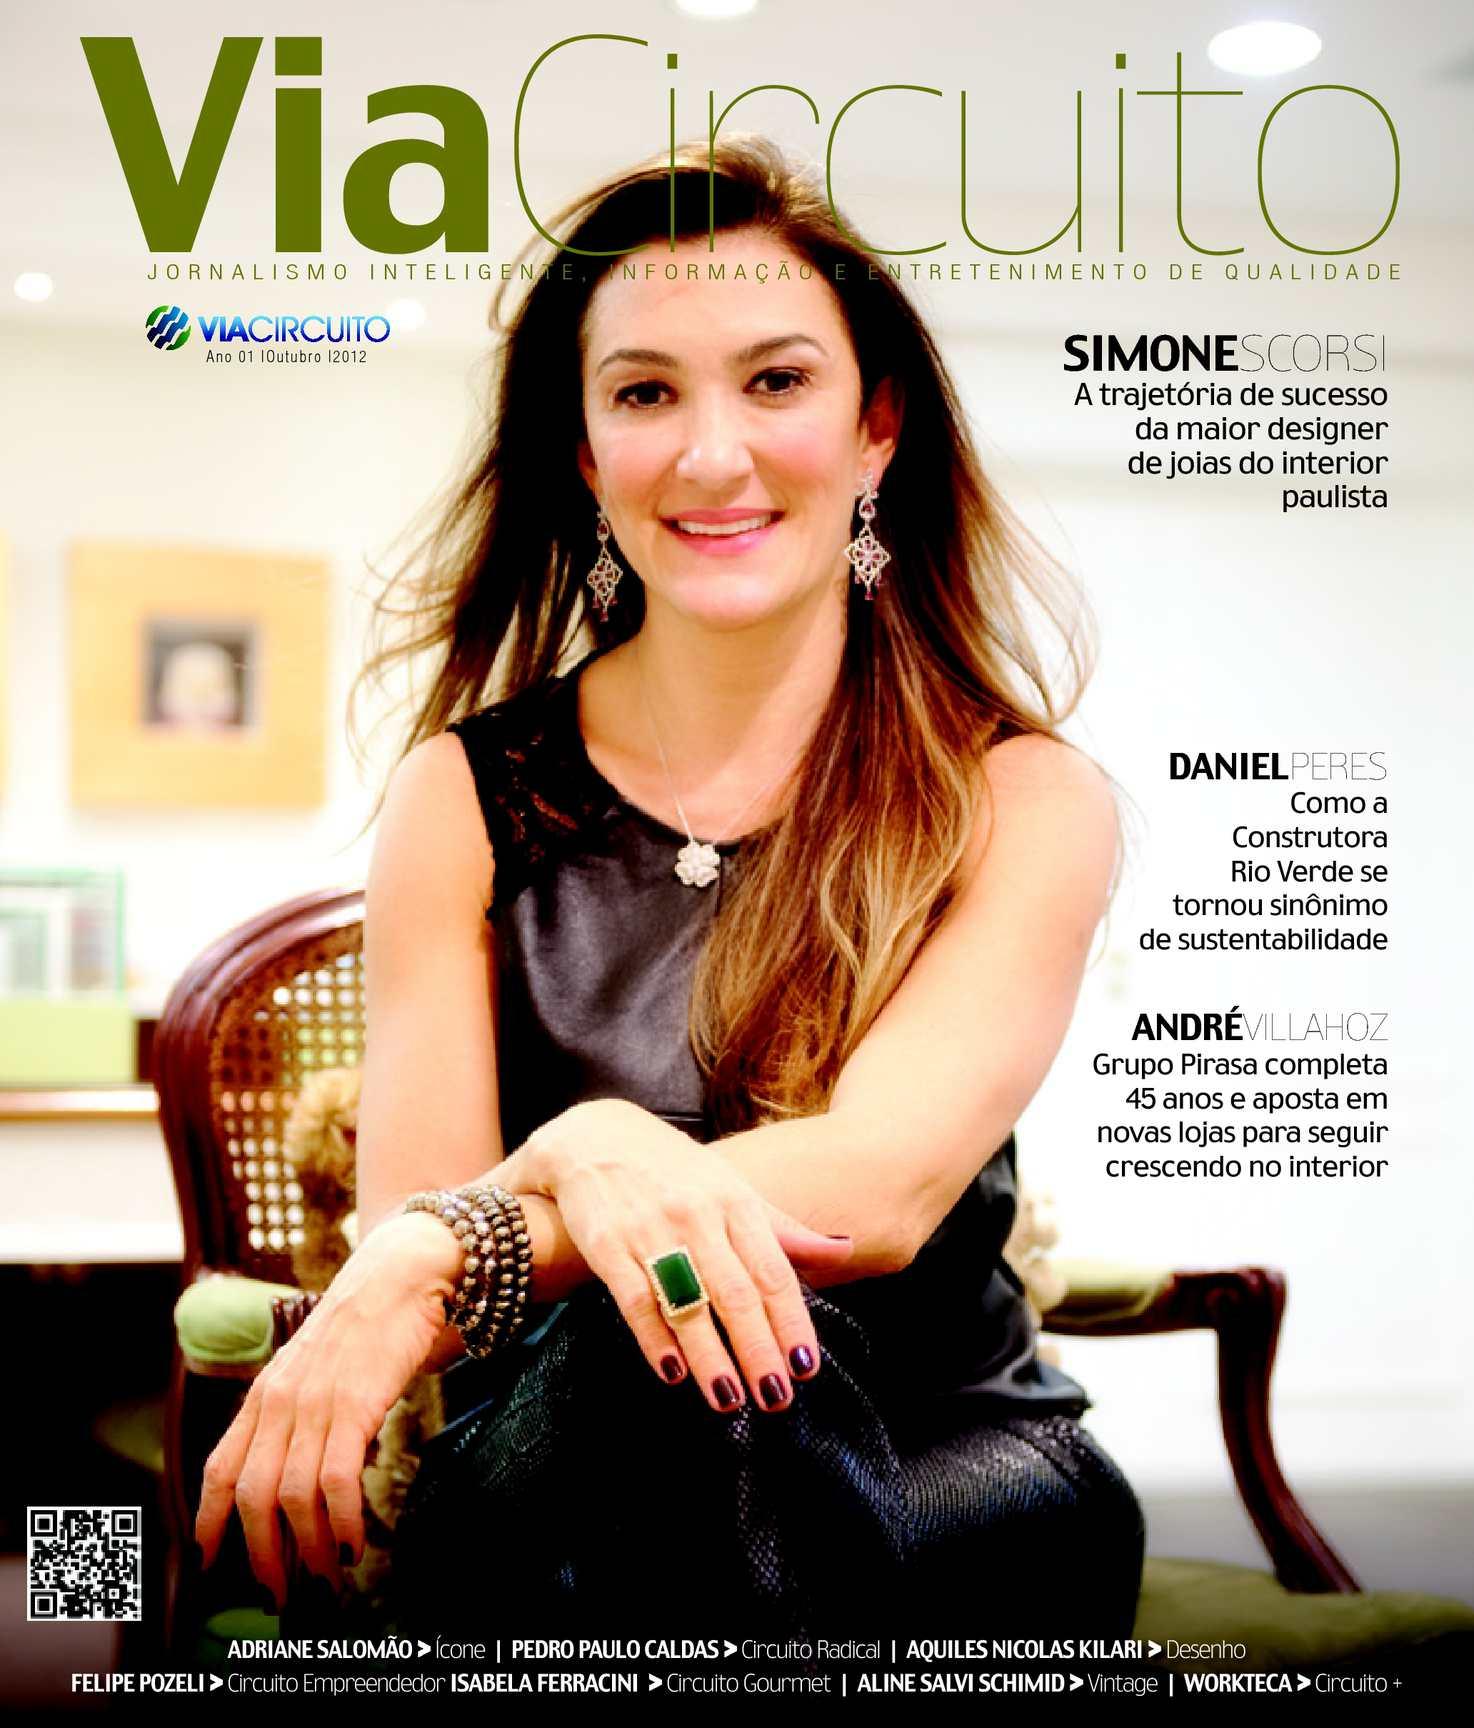 Calaméo - Revista Via Circuito 183bc30aa4